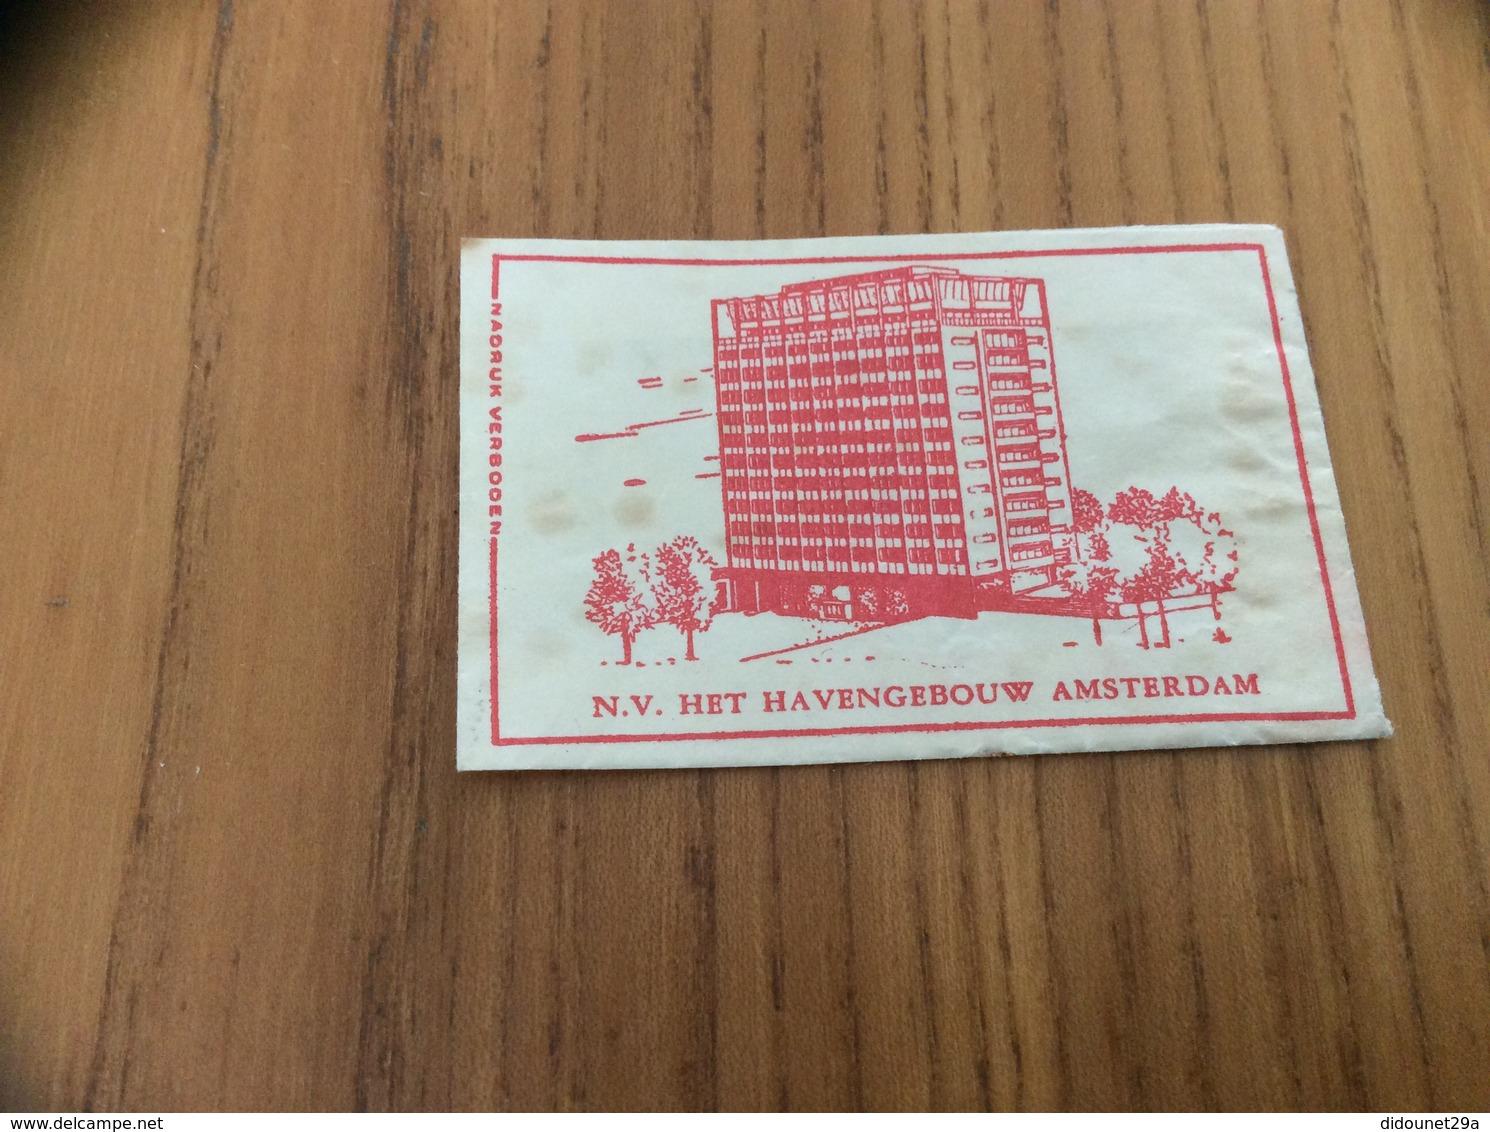 Ancien Sachet De Sucre Pays-Bas Suiker (rouge) «N.V. HET HAVENGEBOUW - AMSTERDAM» Années 60 - Sugars